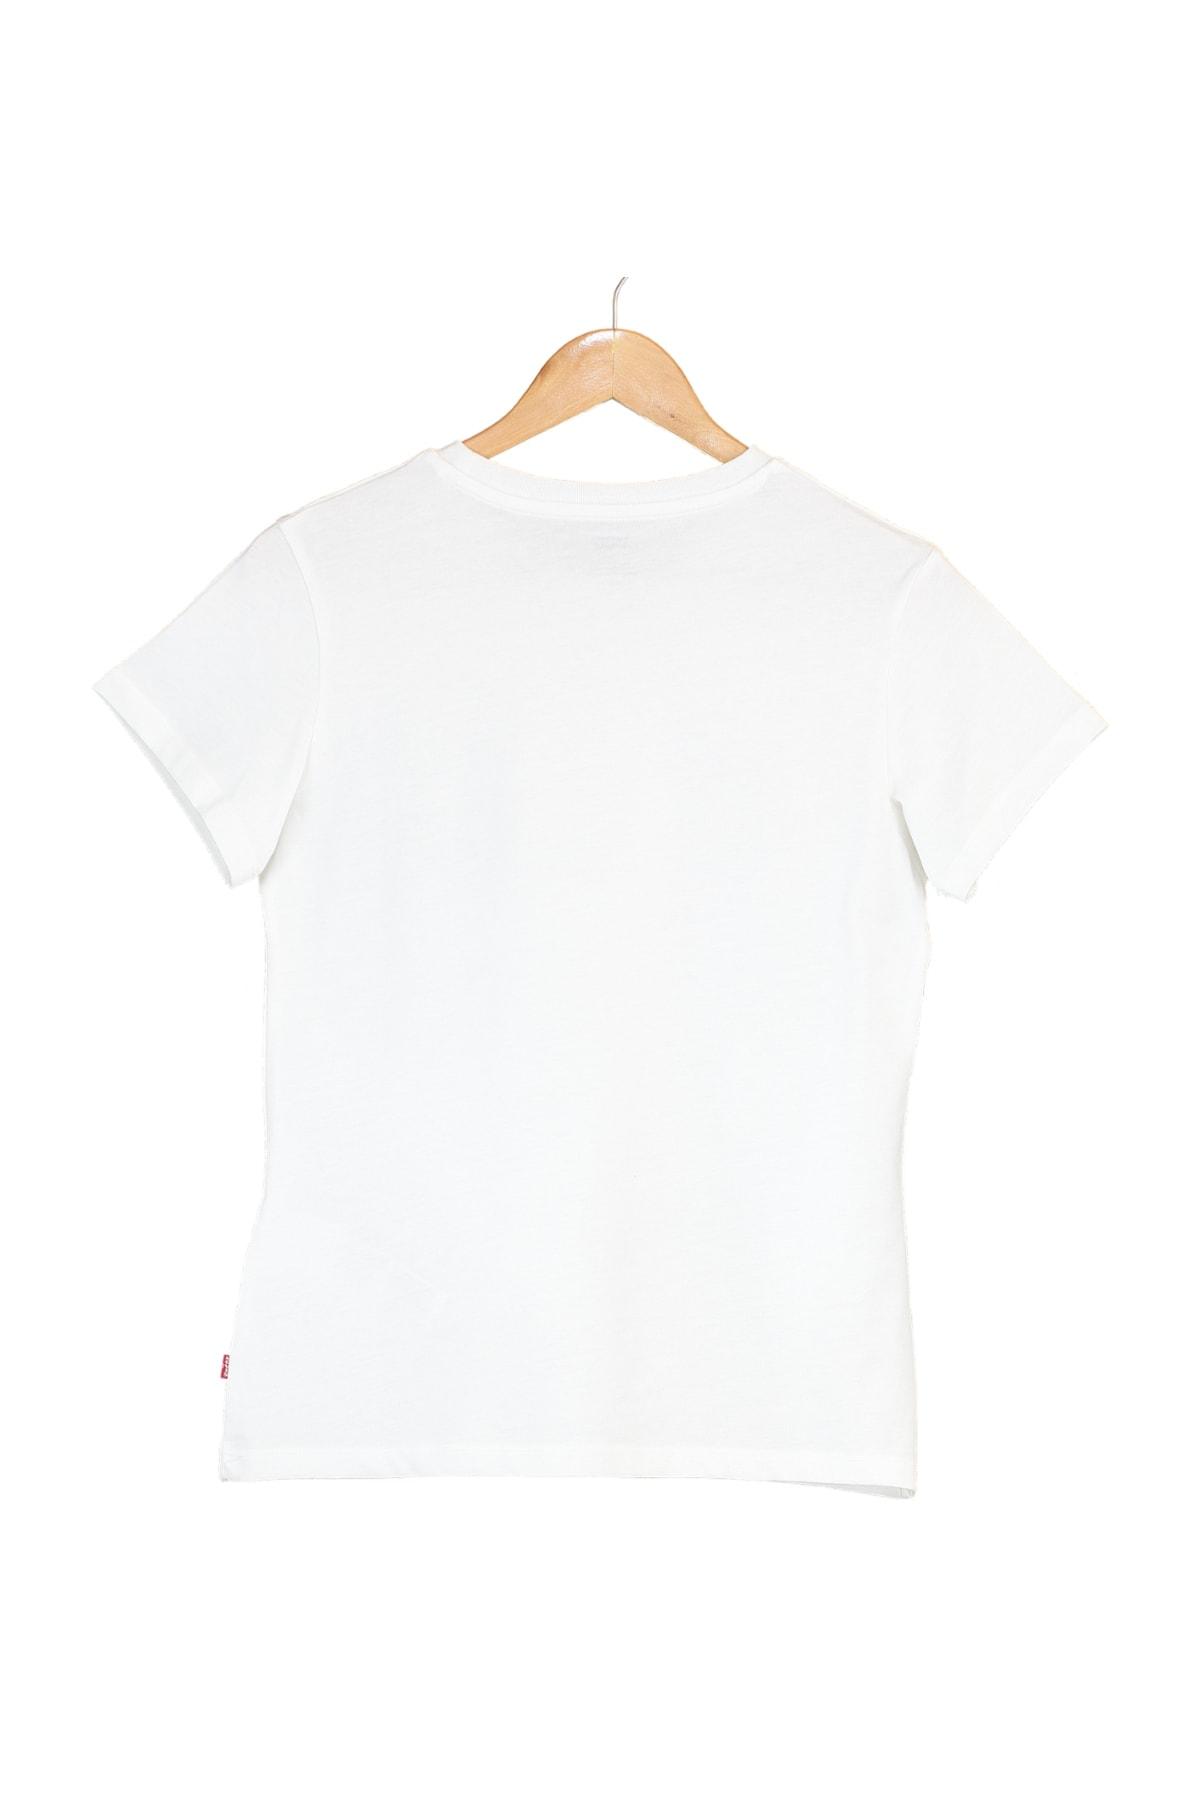 Levi's Kadın The Perfect Tee Lse_Batwıng Fıll Artıst T-Shirt 17369-1510 2